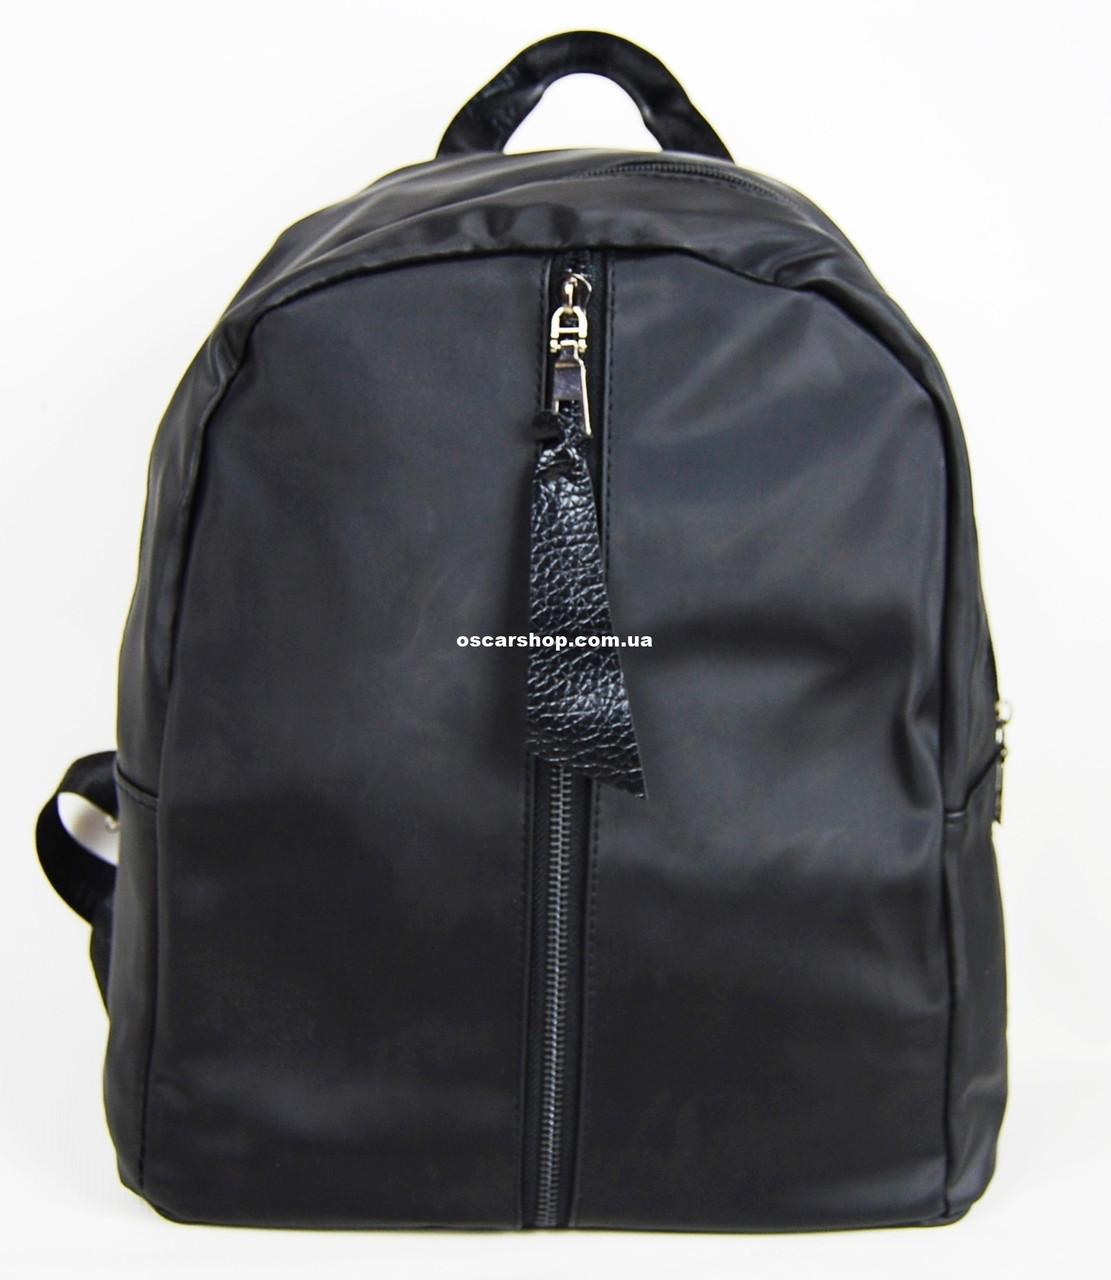 1799781a6d34 Женская сумка из нейлона. Модный городской рюкзак. Женский портфель. СР02